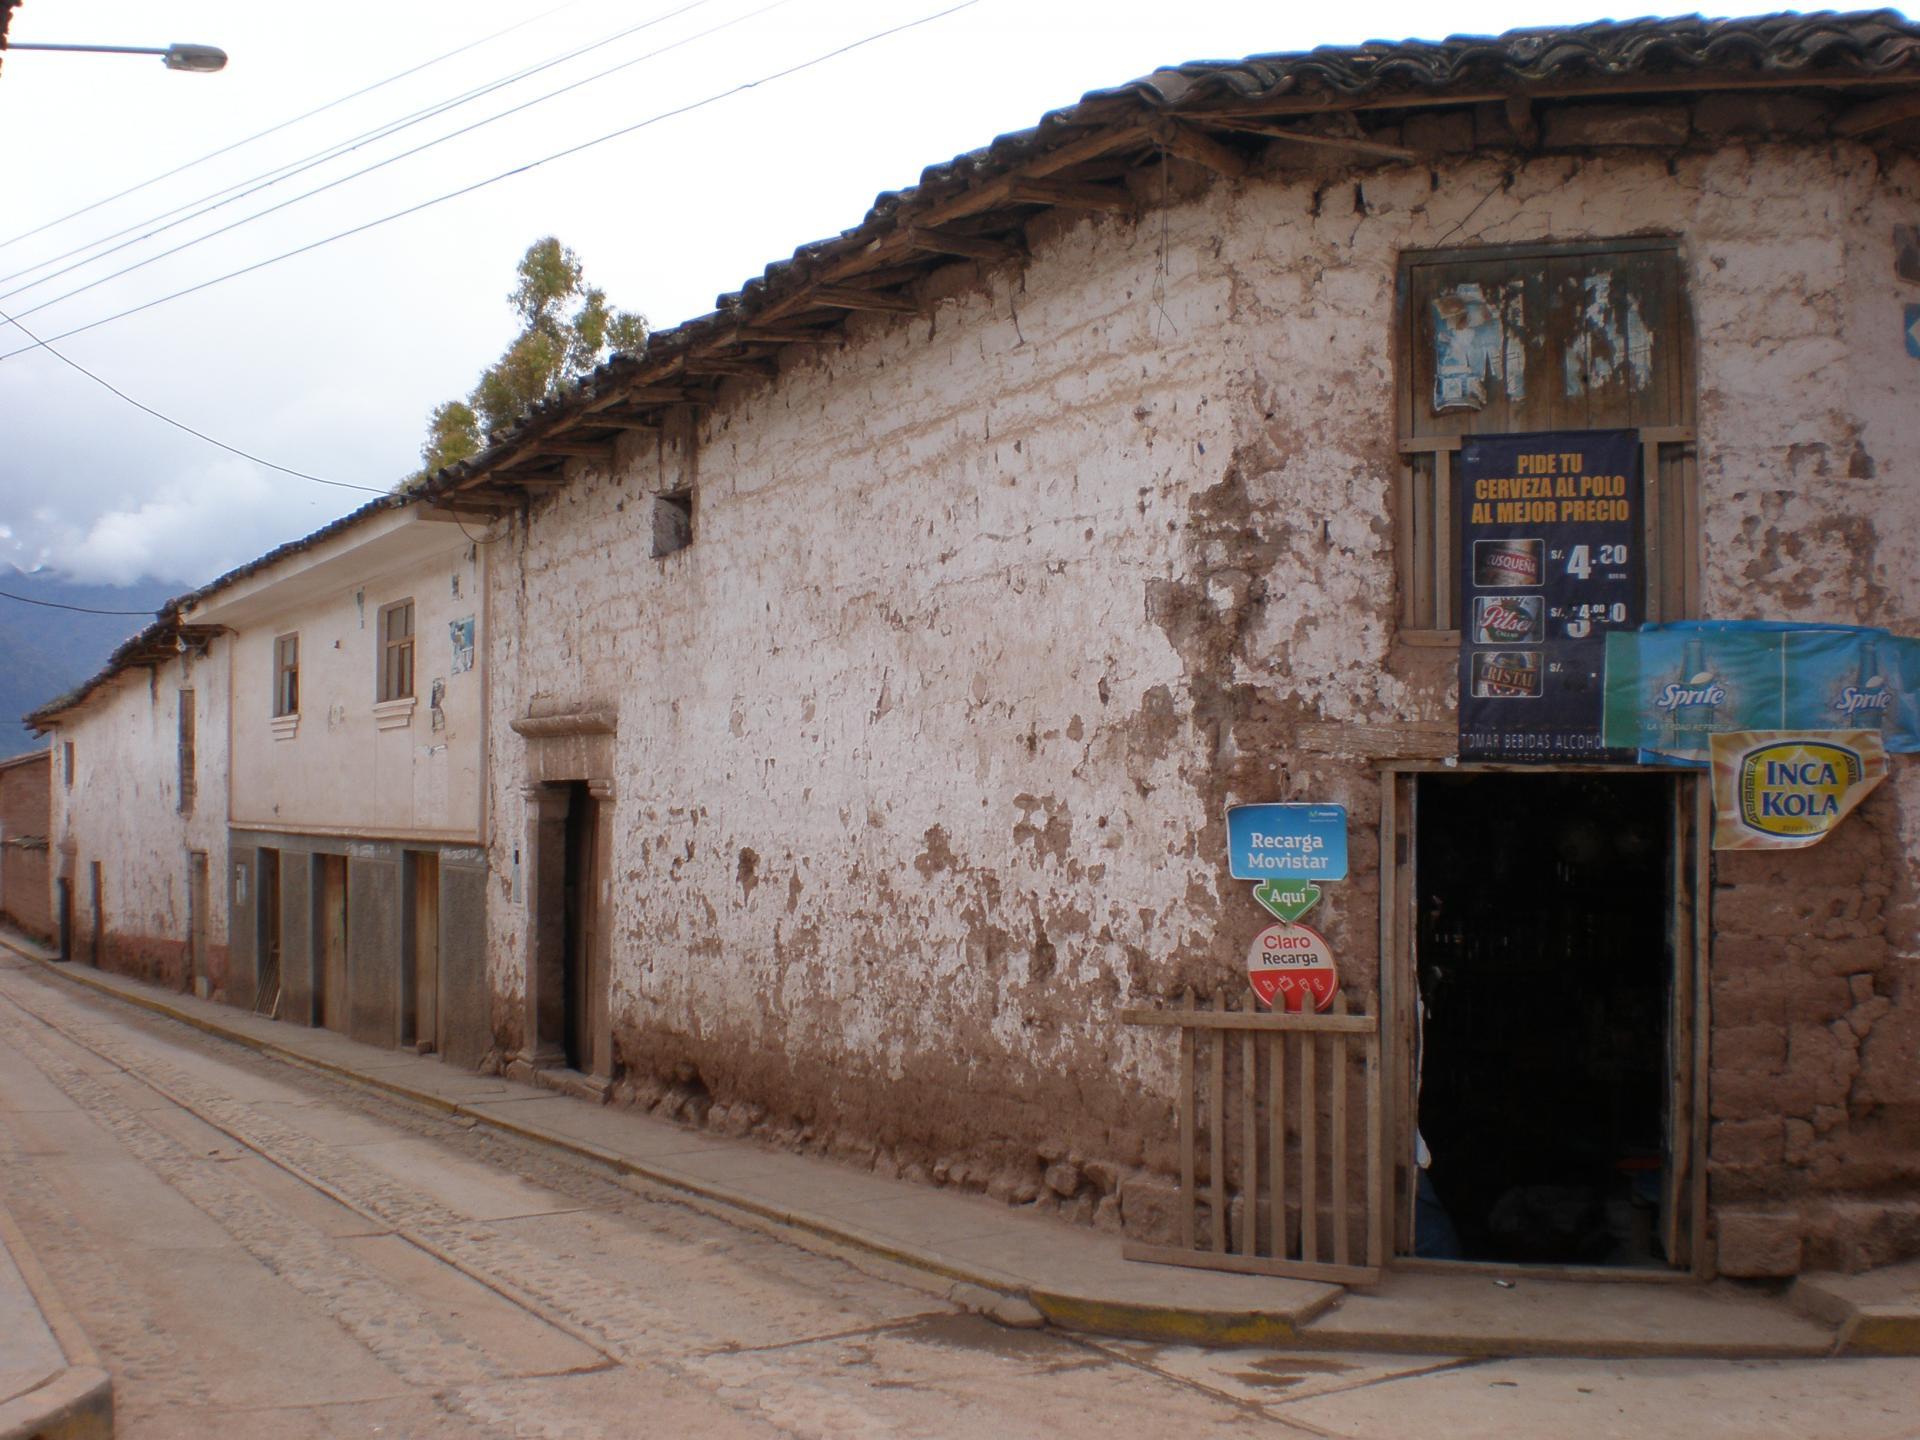 Commerce à Maras